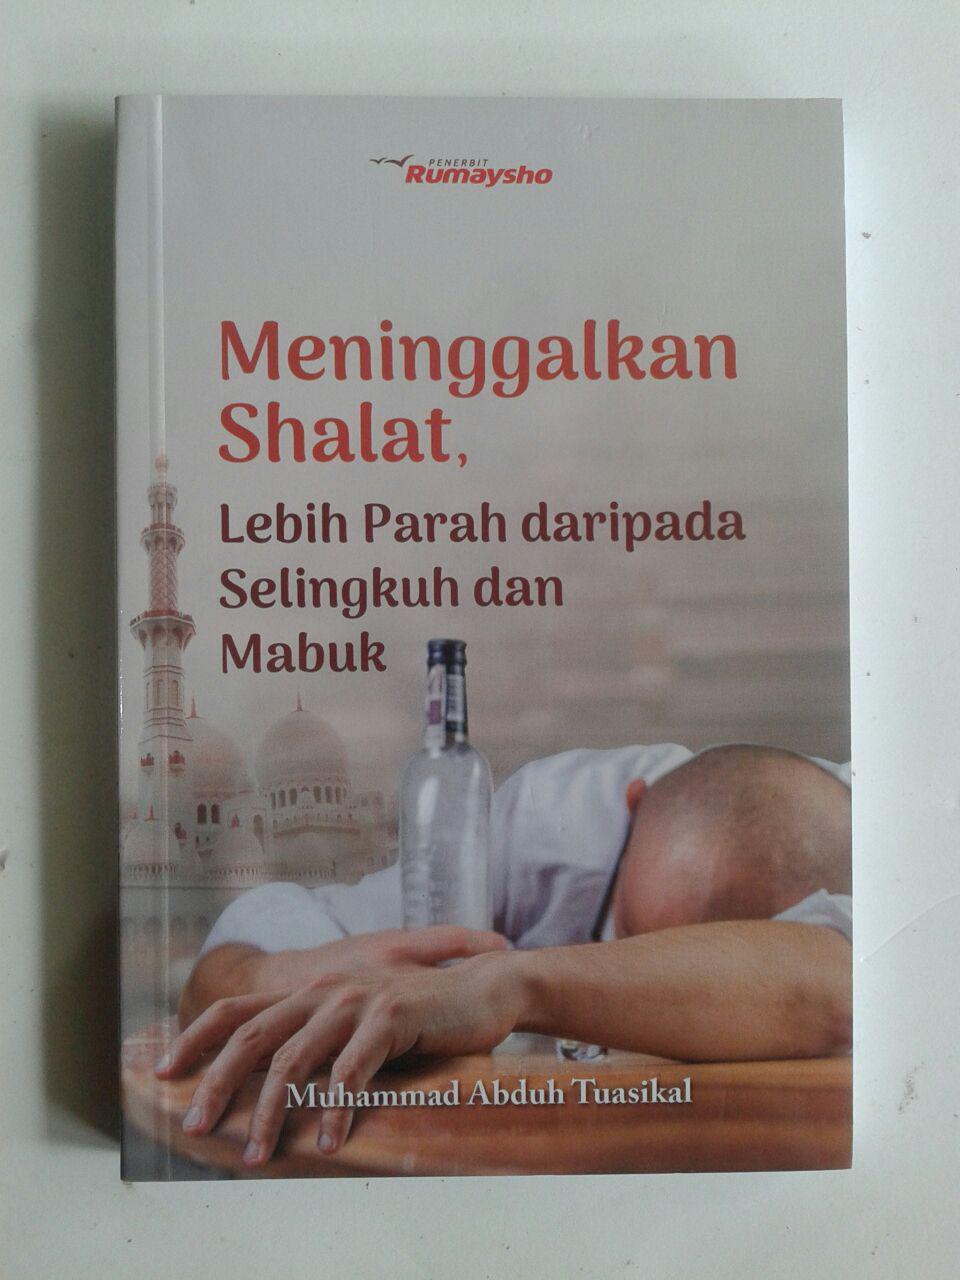 Buku Meninggalkan Shalat Lebih Parah Daripada Selingkuh Mabuk cover 2